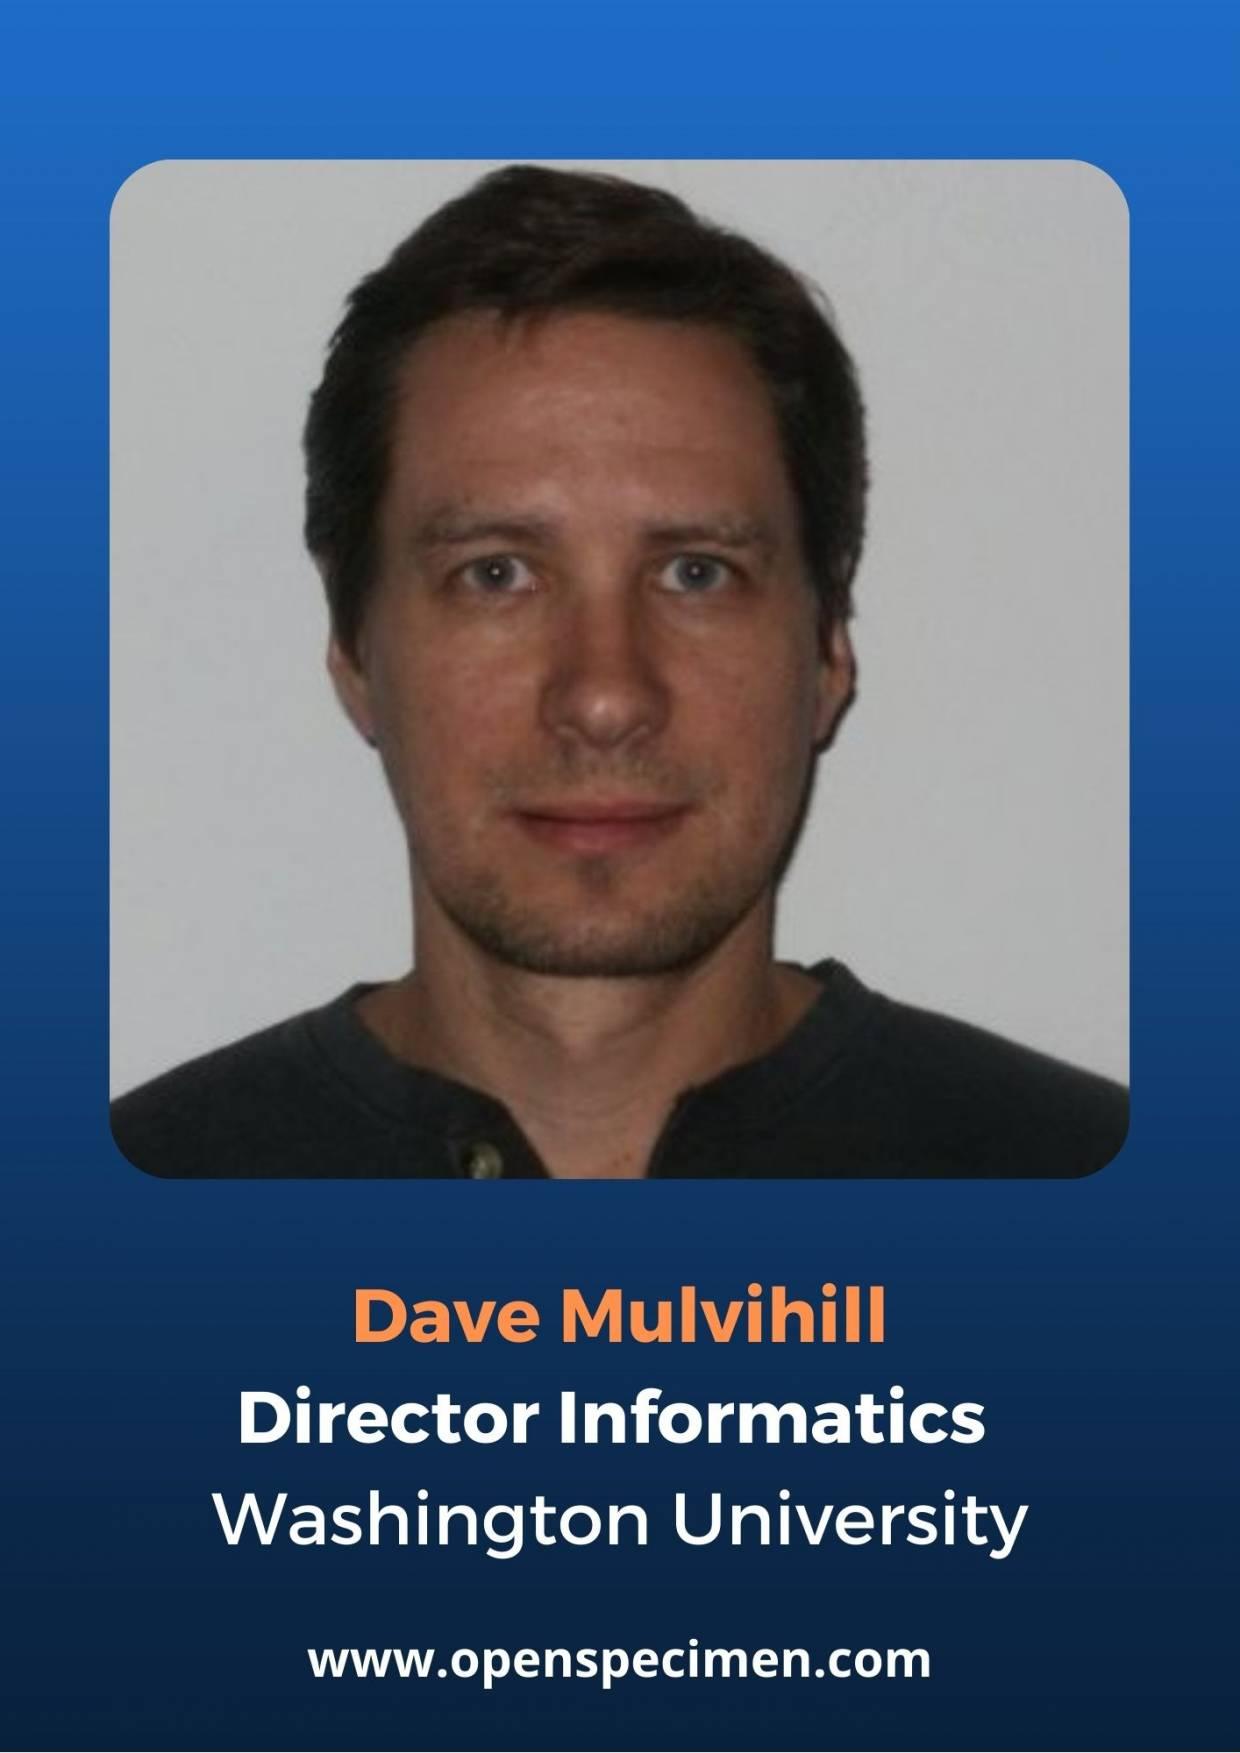 Dave Mulvihill